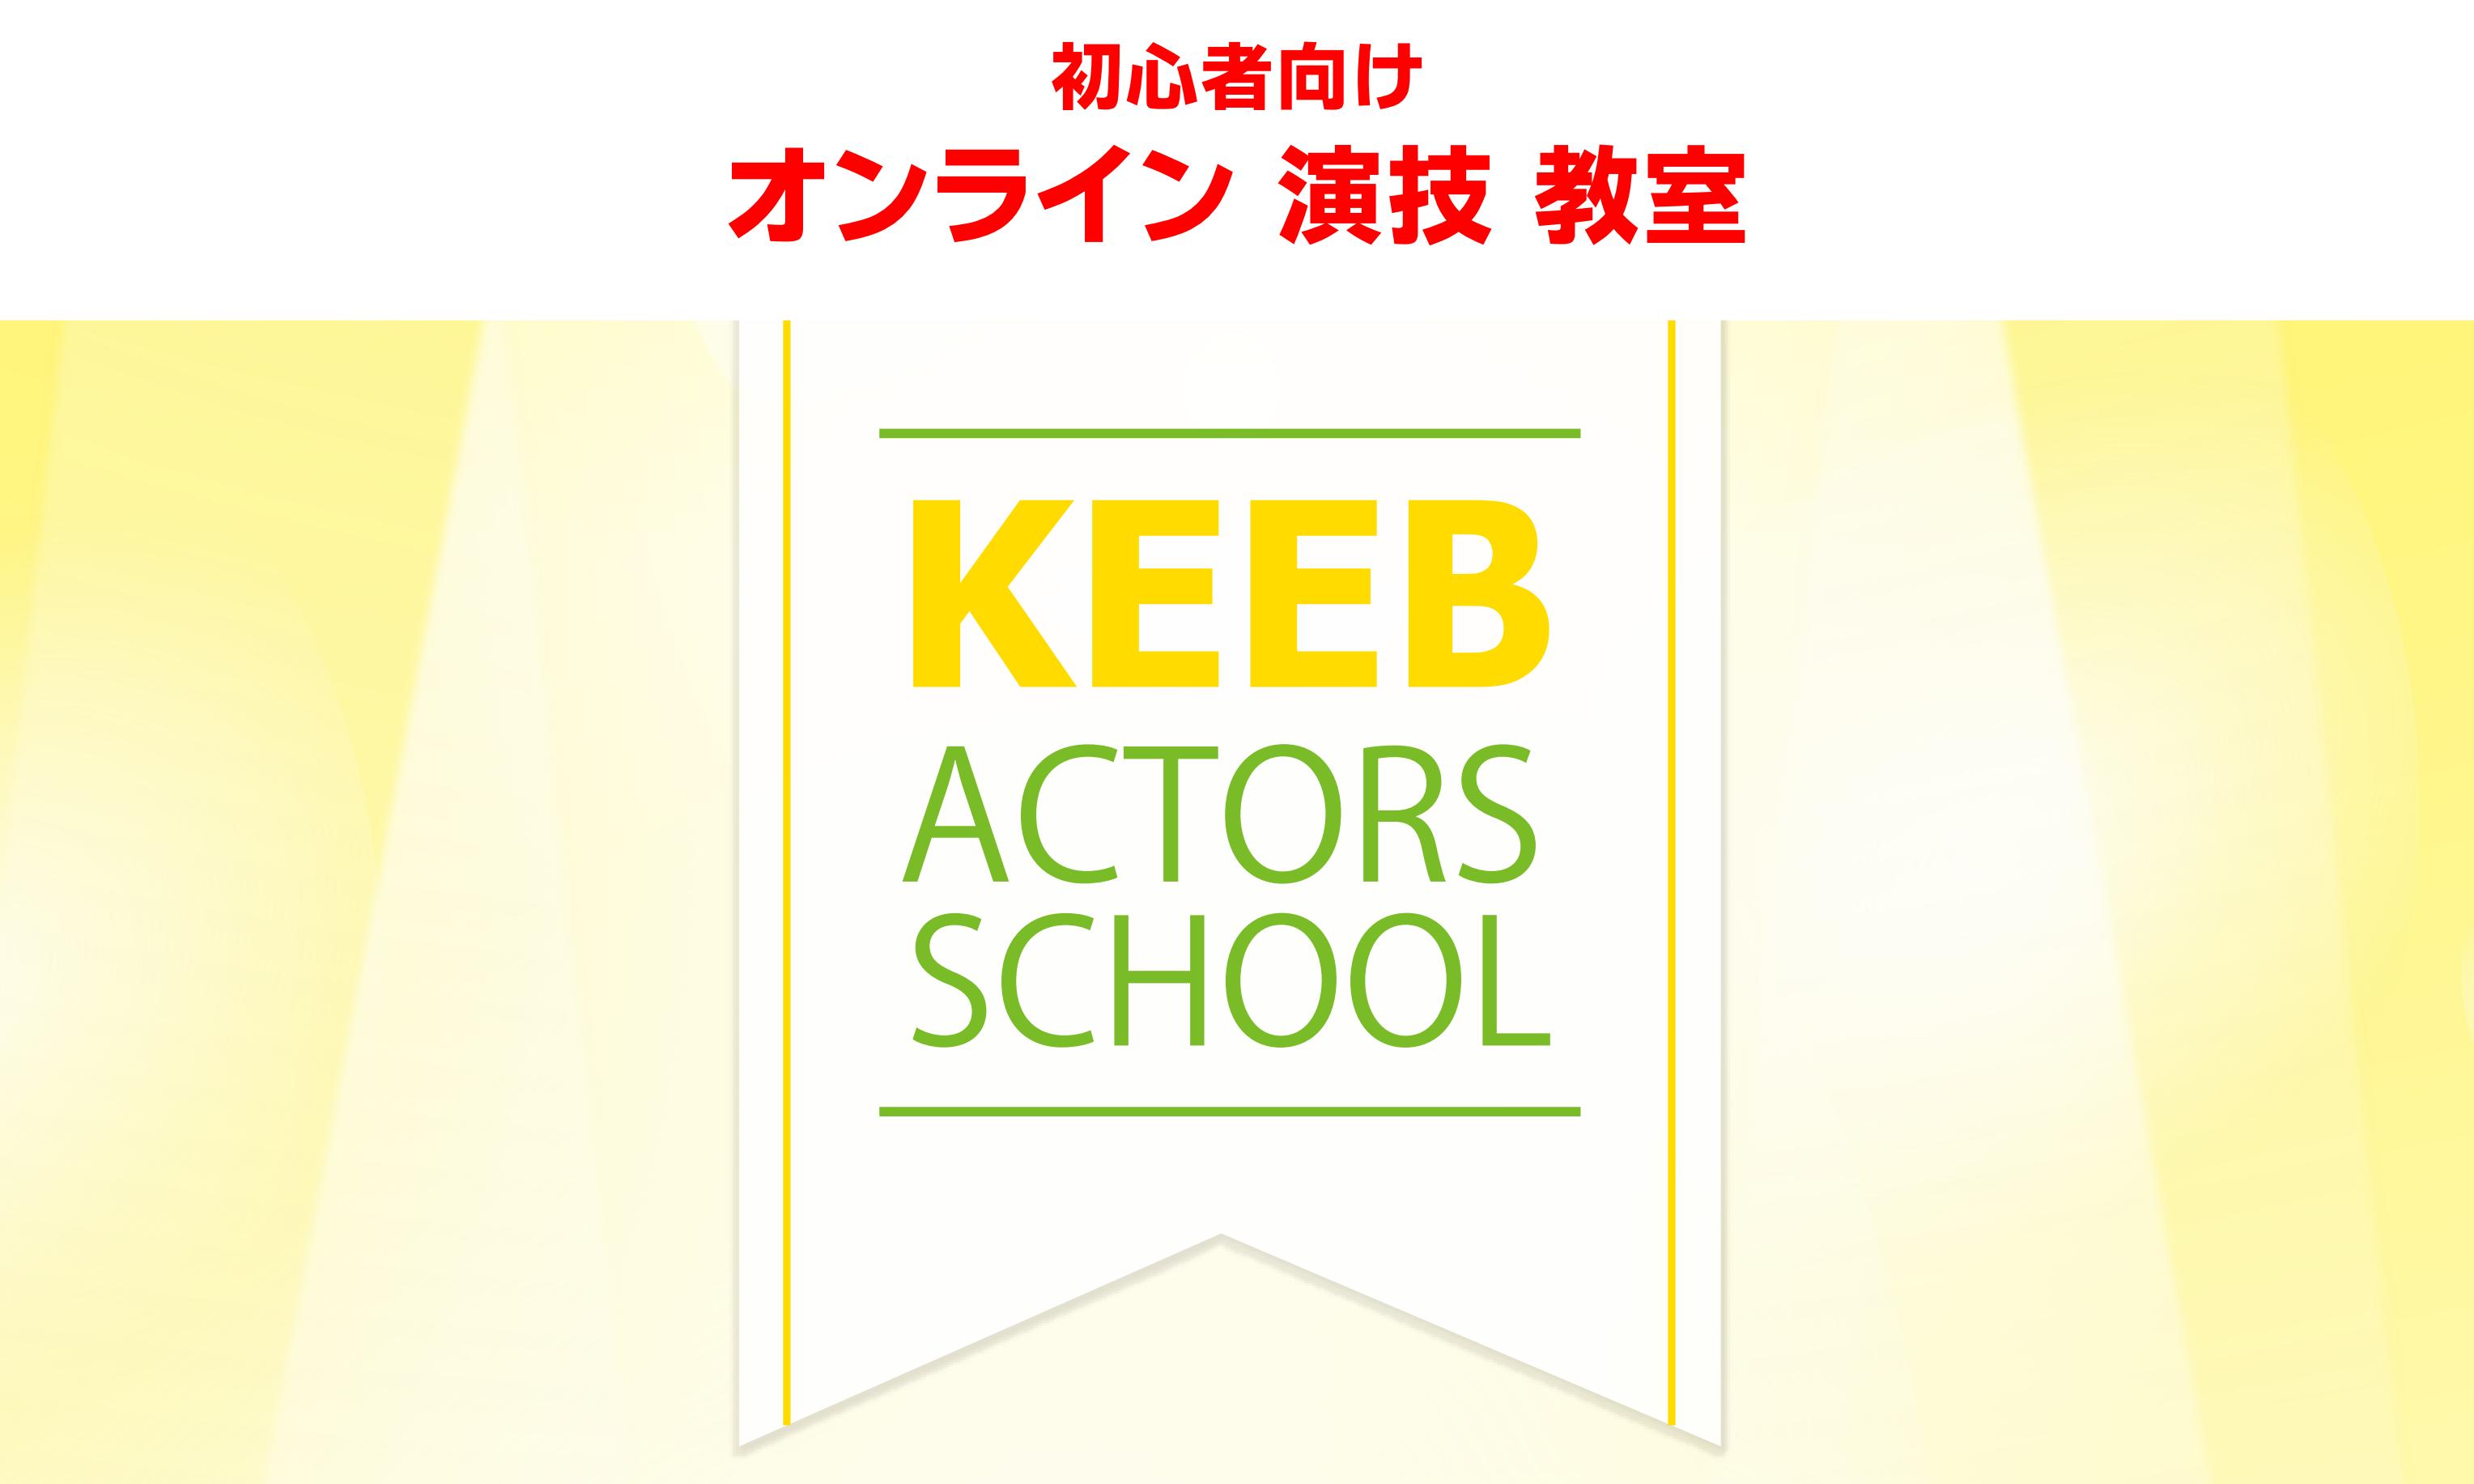 【オンライン】初心者向け、演技教室「KEEBアクターズスクール」